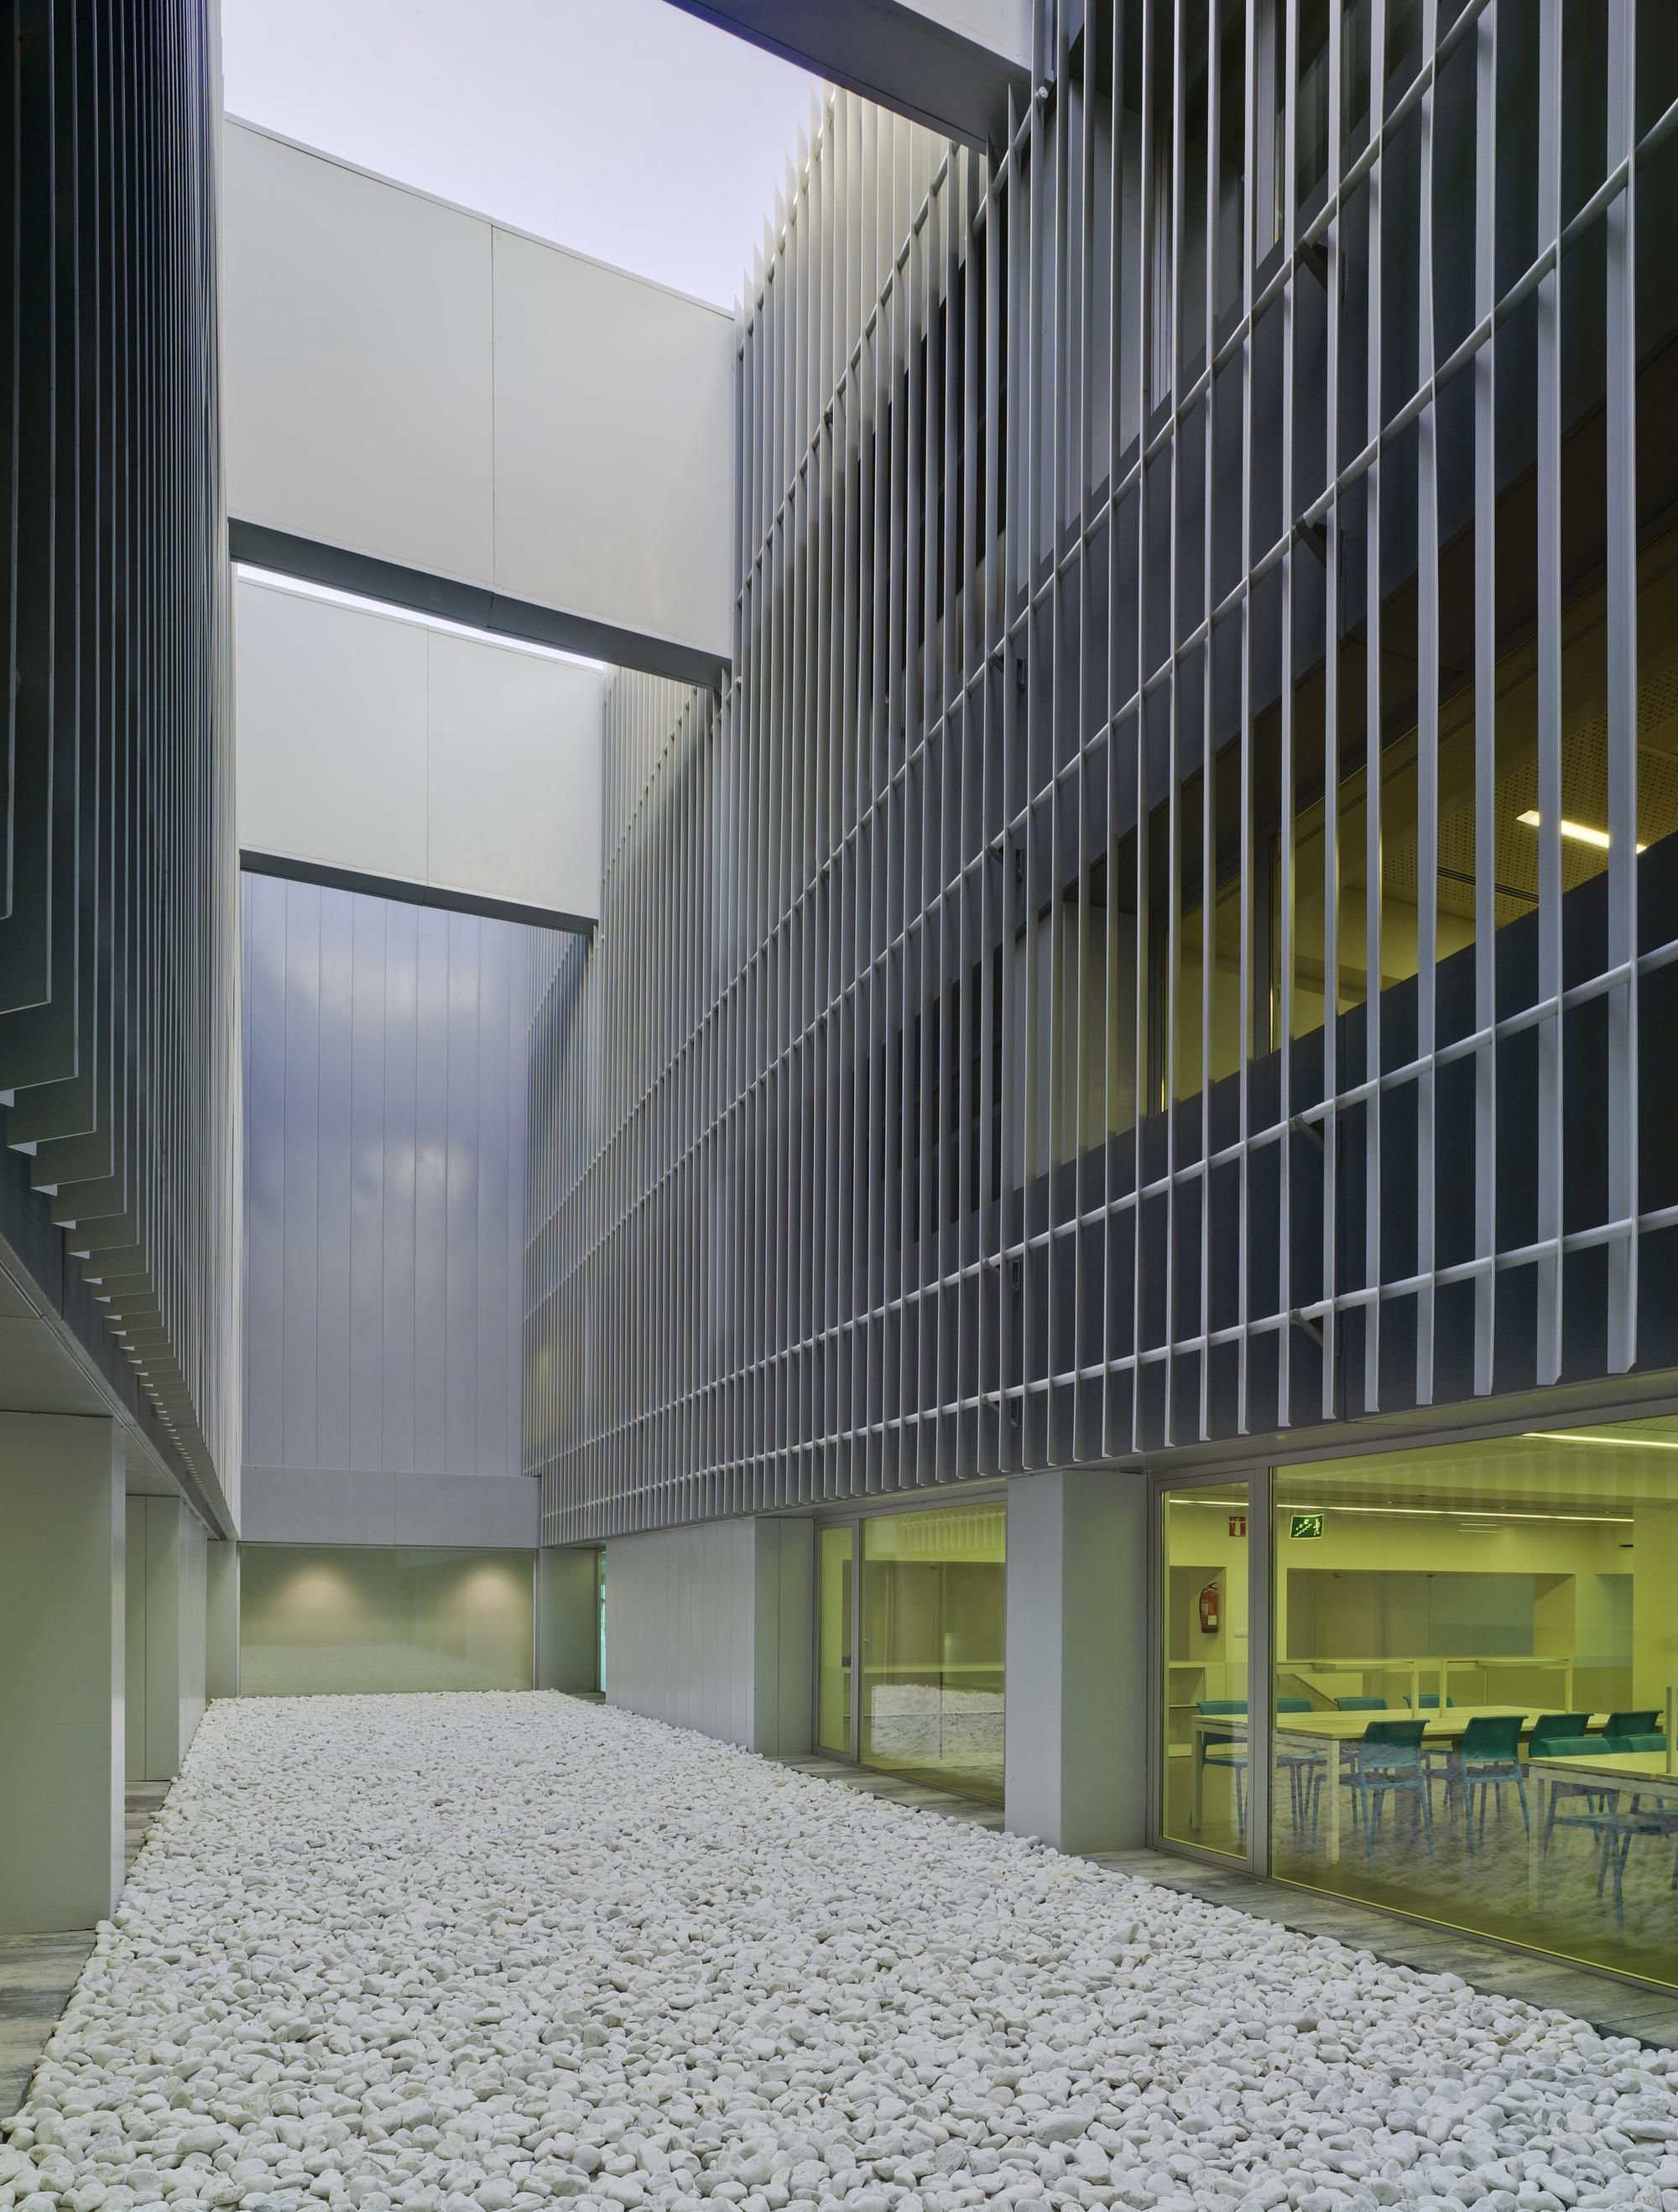 Galer a de marina de empresas erre arquitectura 19 for Empresas de arquitectura